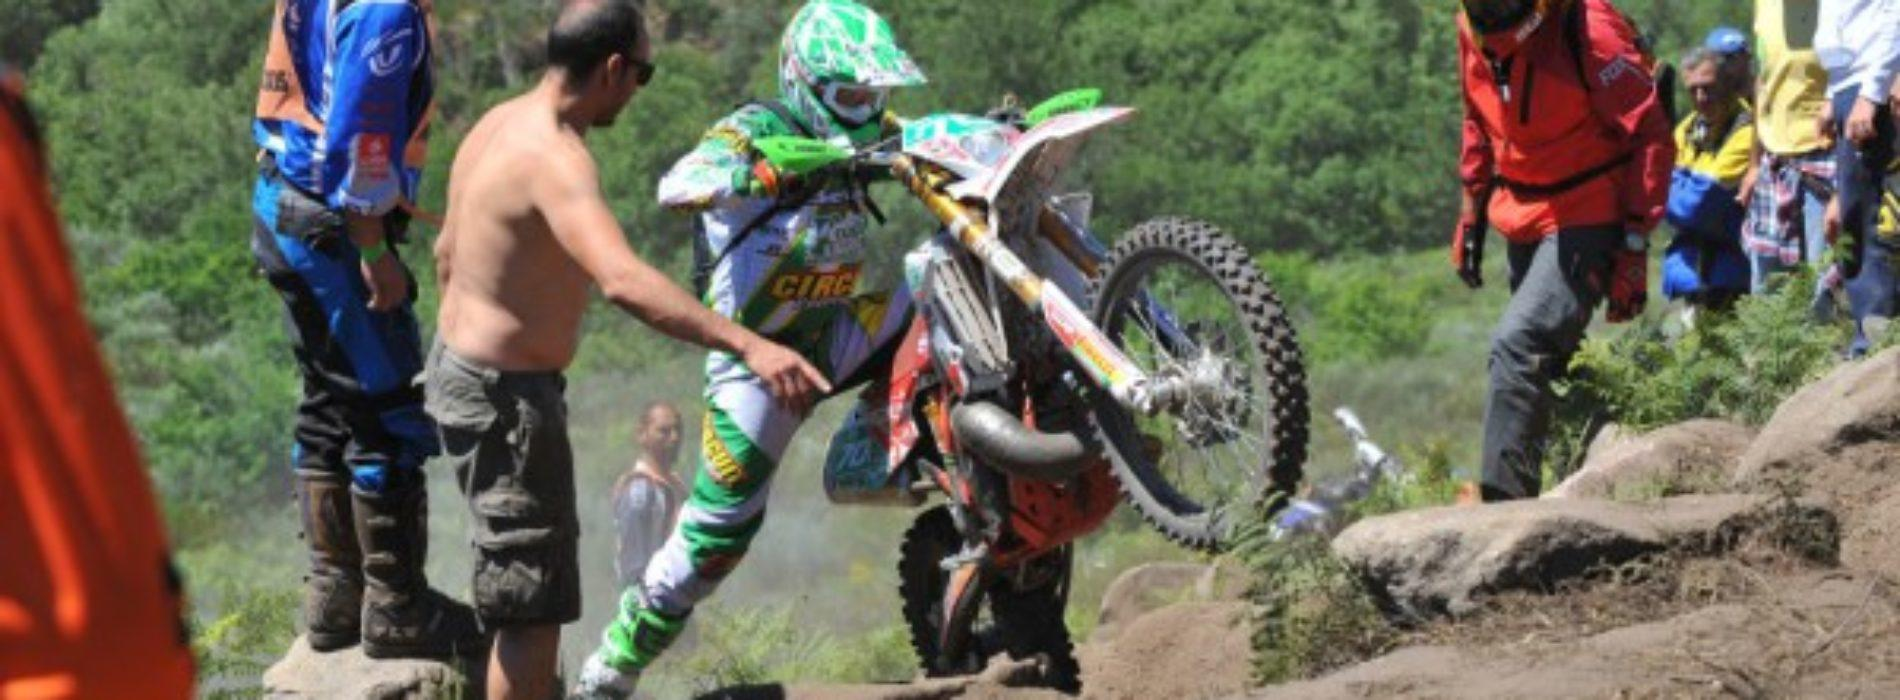 Campeonato Europeu de Enduro com primeira prova este fim de semana em Gouveia